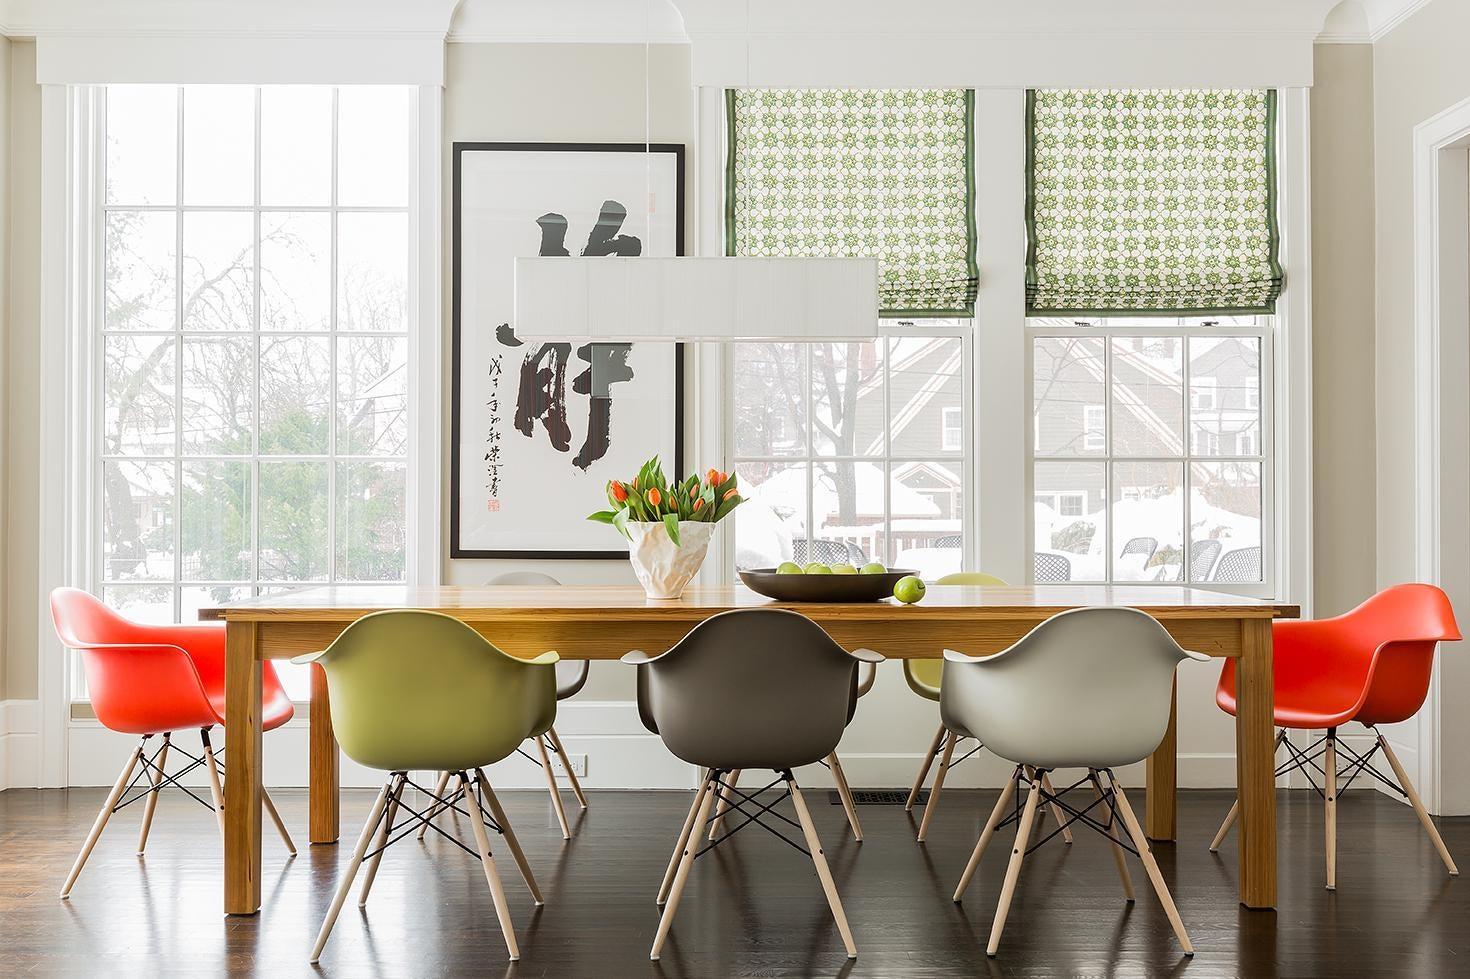 Elms.interior.design.portfolio.interiors.dining.1501115960.071882